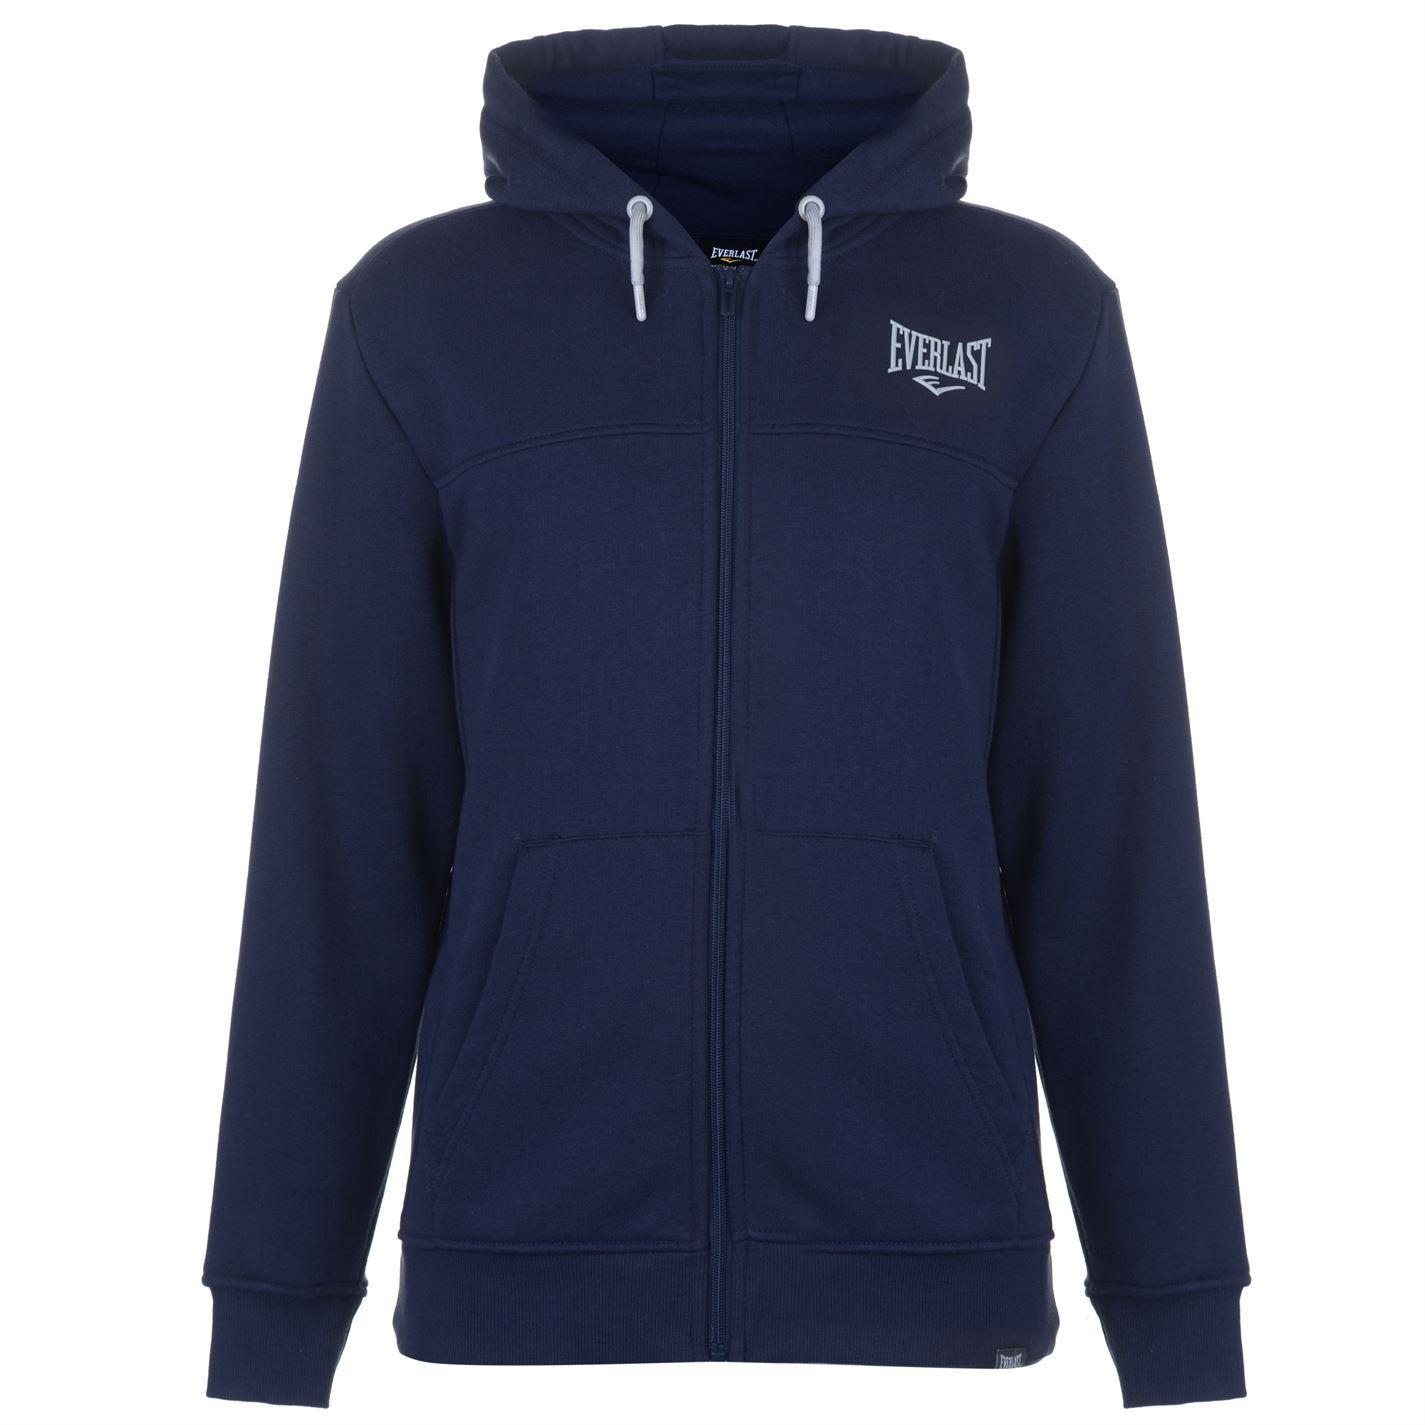 Everlast-Logo-Full-Zip-Hoody-Jacket-Mens-Hoodie-Sweatshirt-Sweater-Hooded-Top thumbnail 14